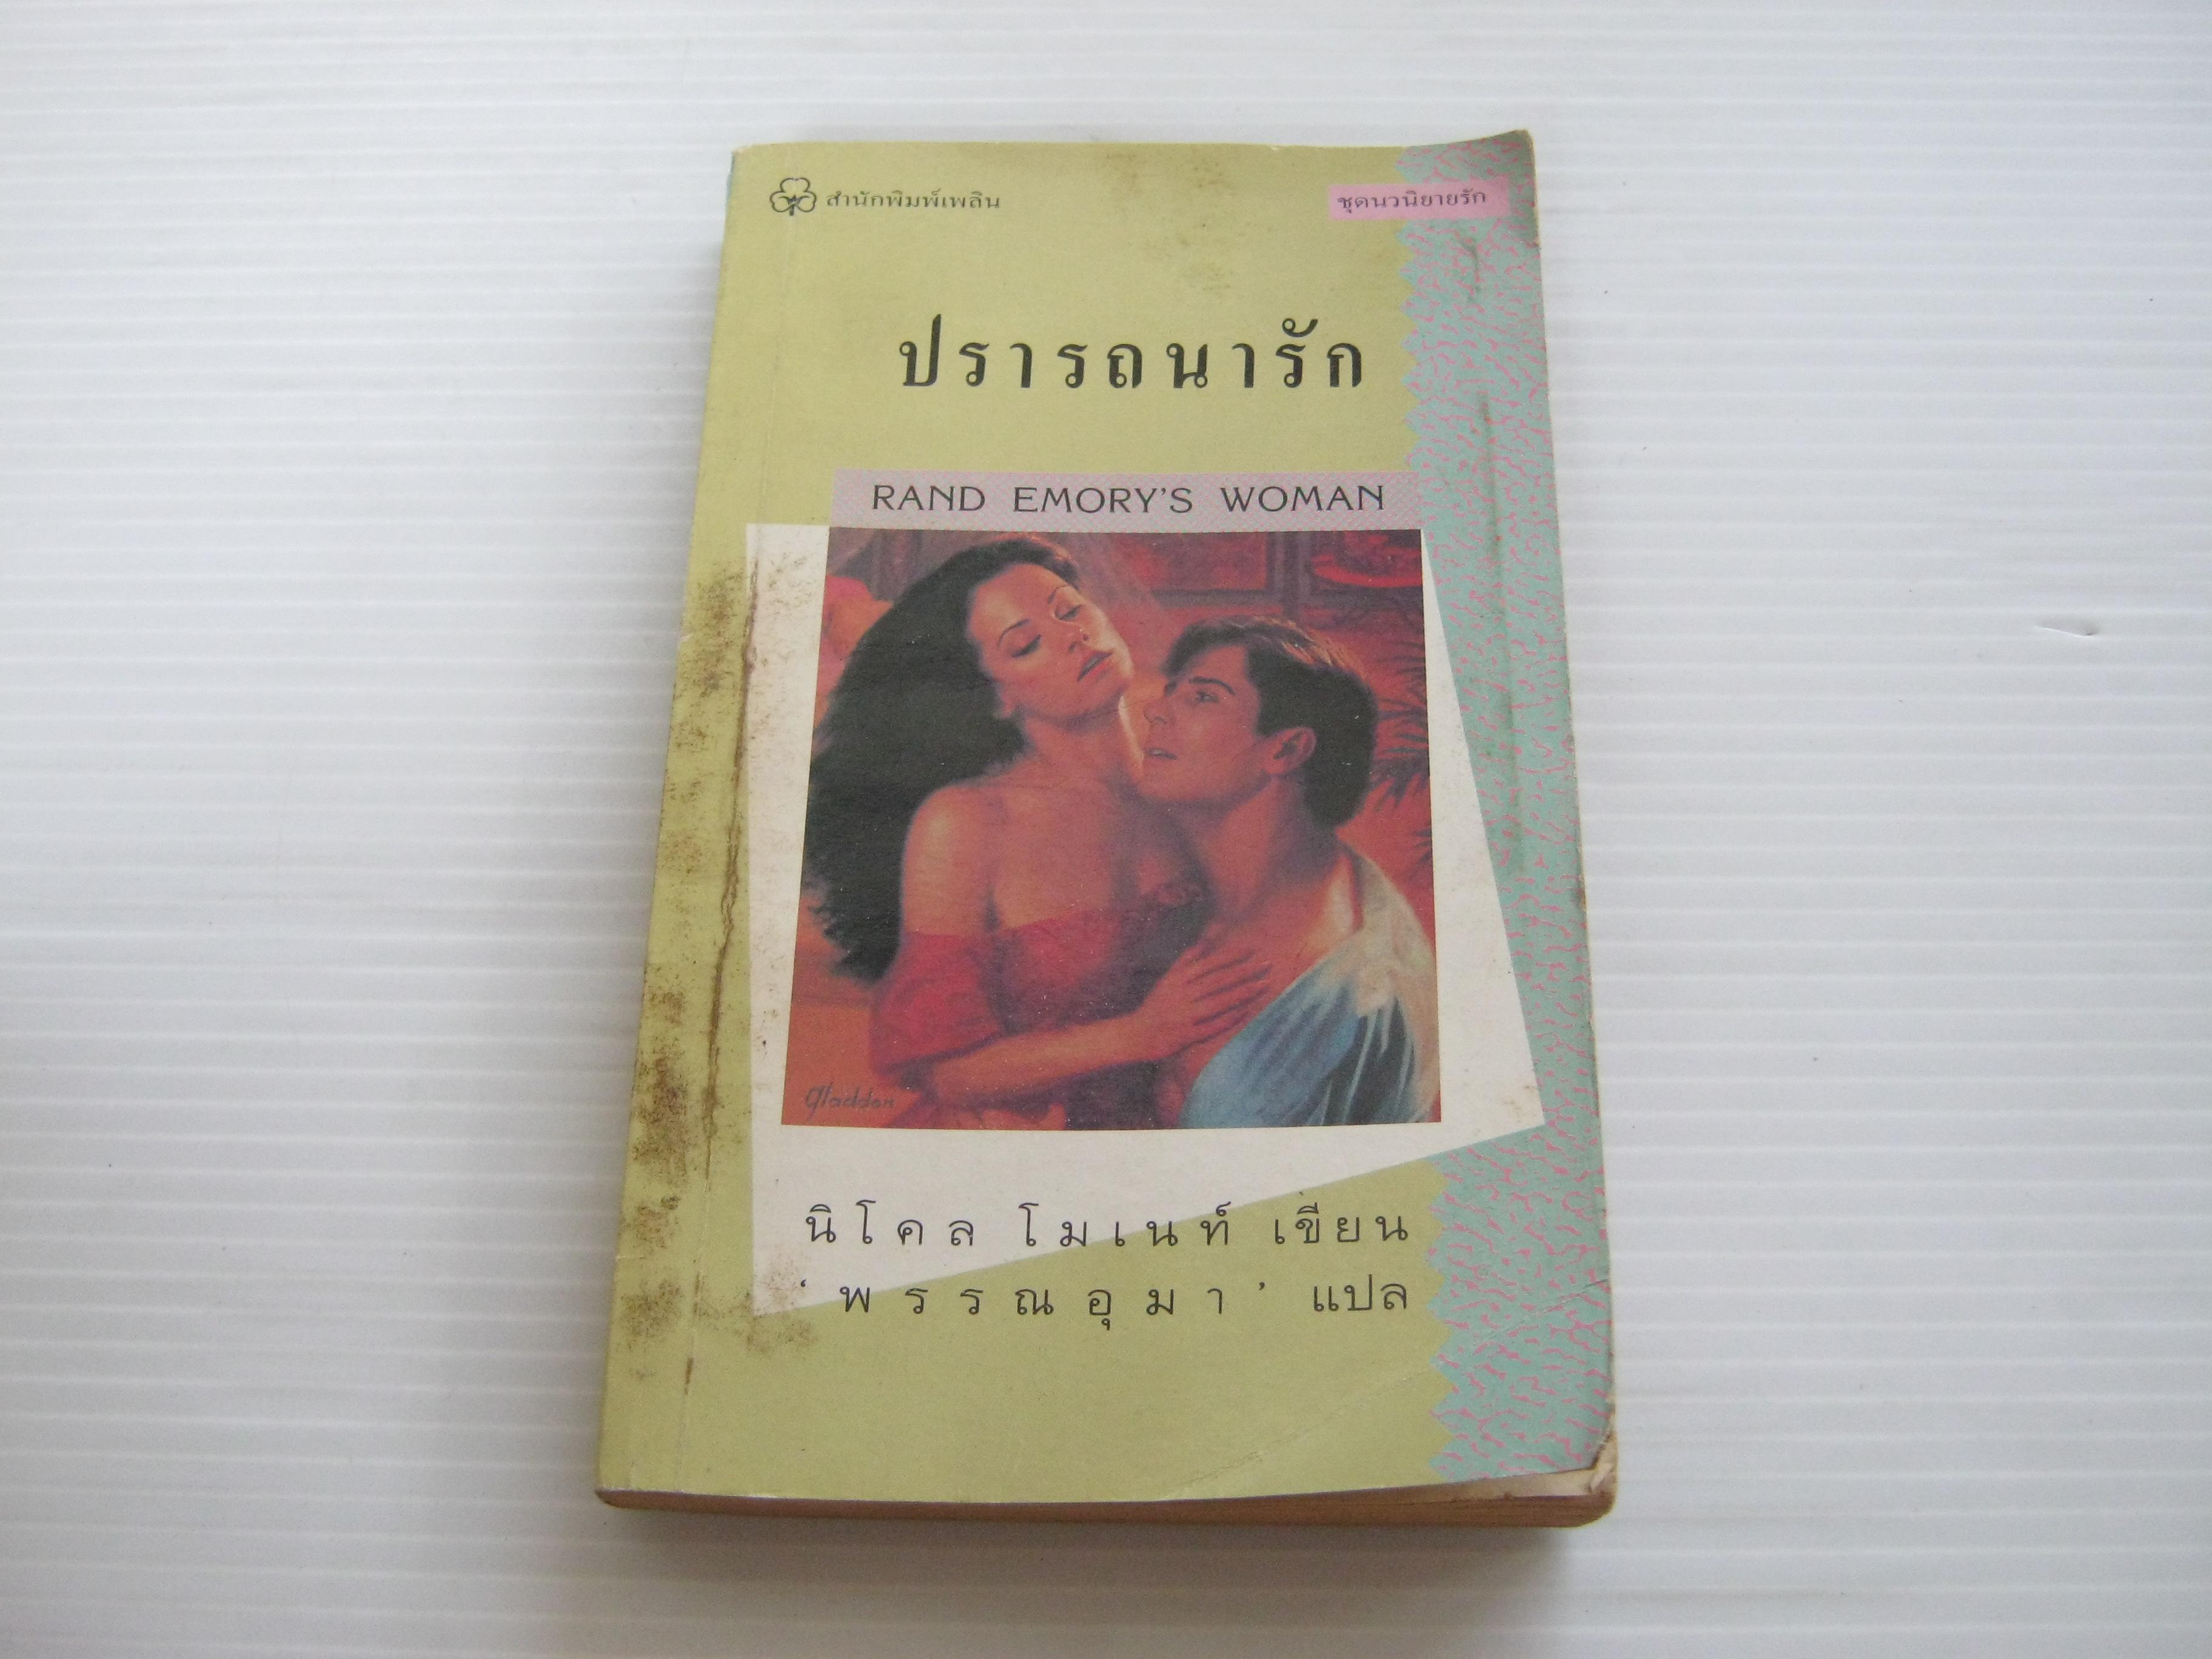 ปรารถนารัก (Rand Emory's Woman) นิโคล โมเนท์ เขียน พรรณอุมา แปล